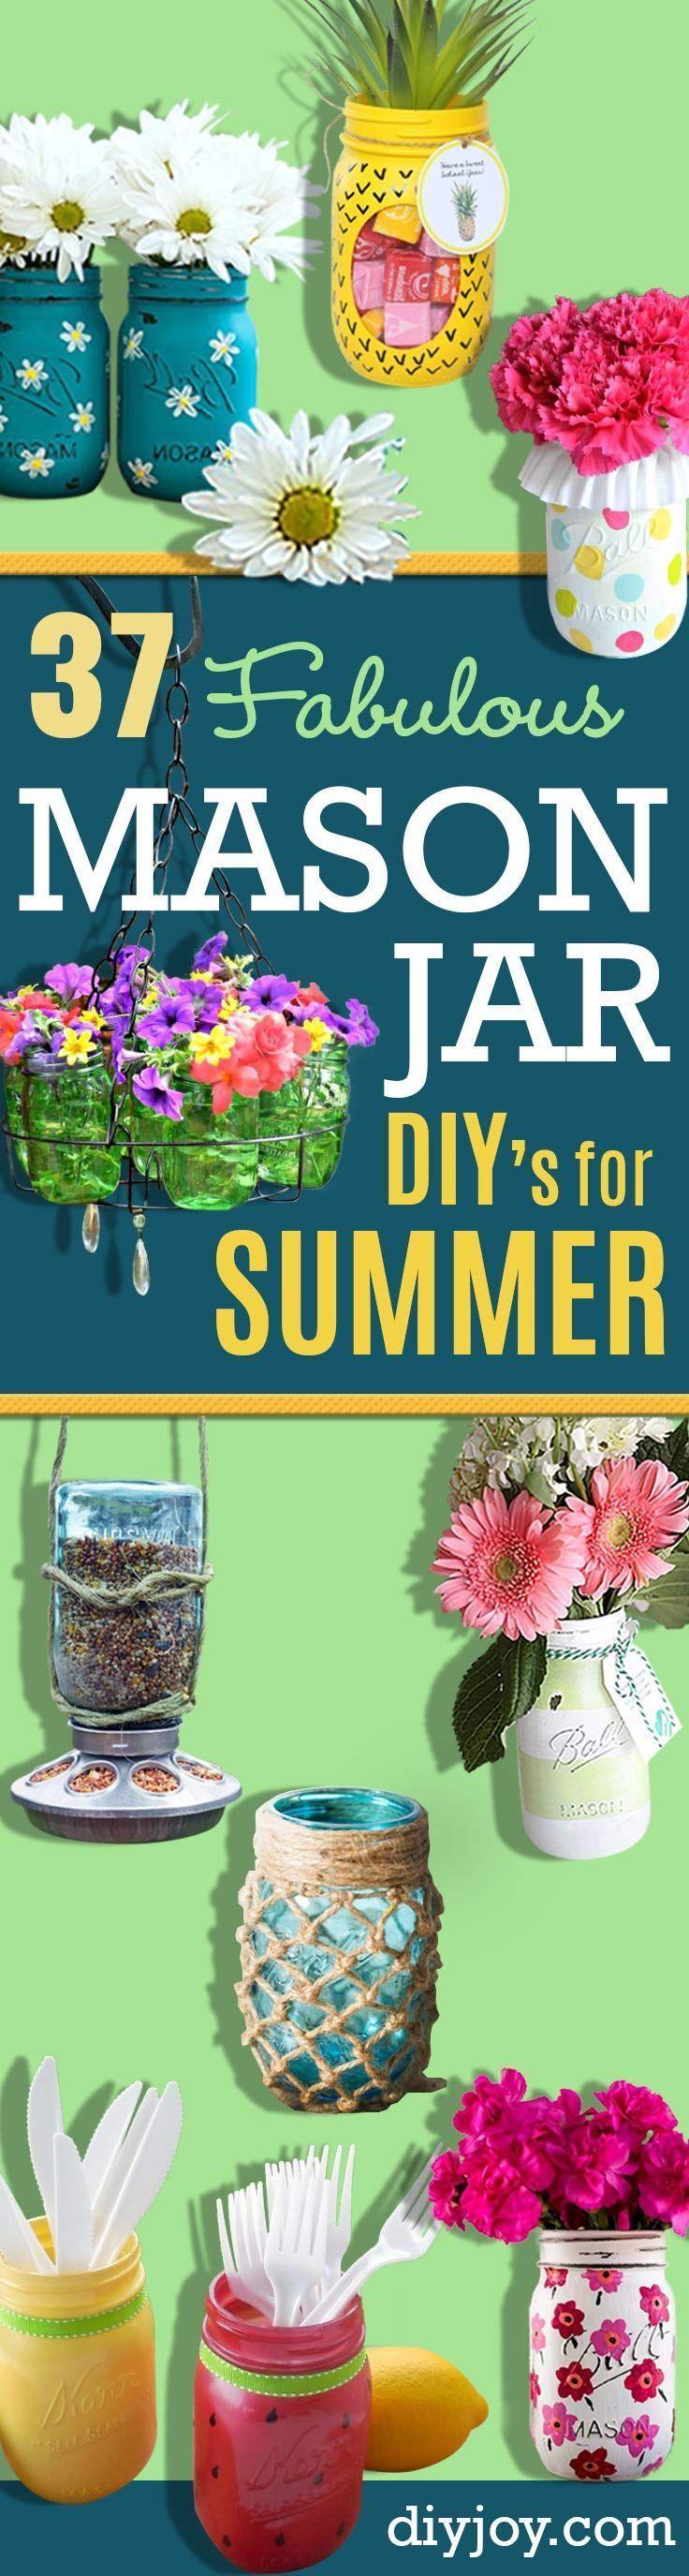 Mason Jar Ideas For Summer  Mason Jar Crafts, Decor